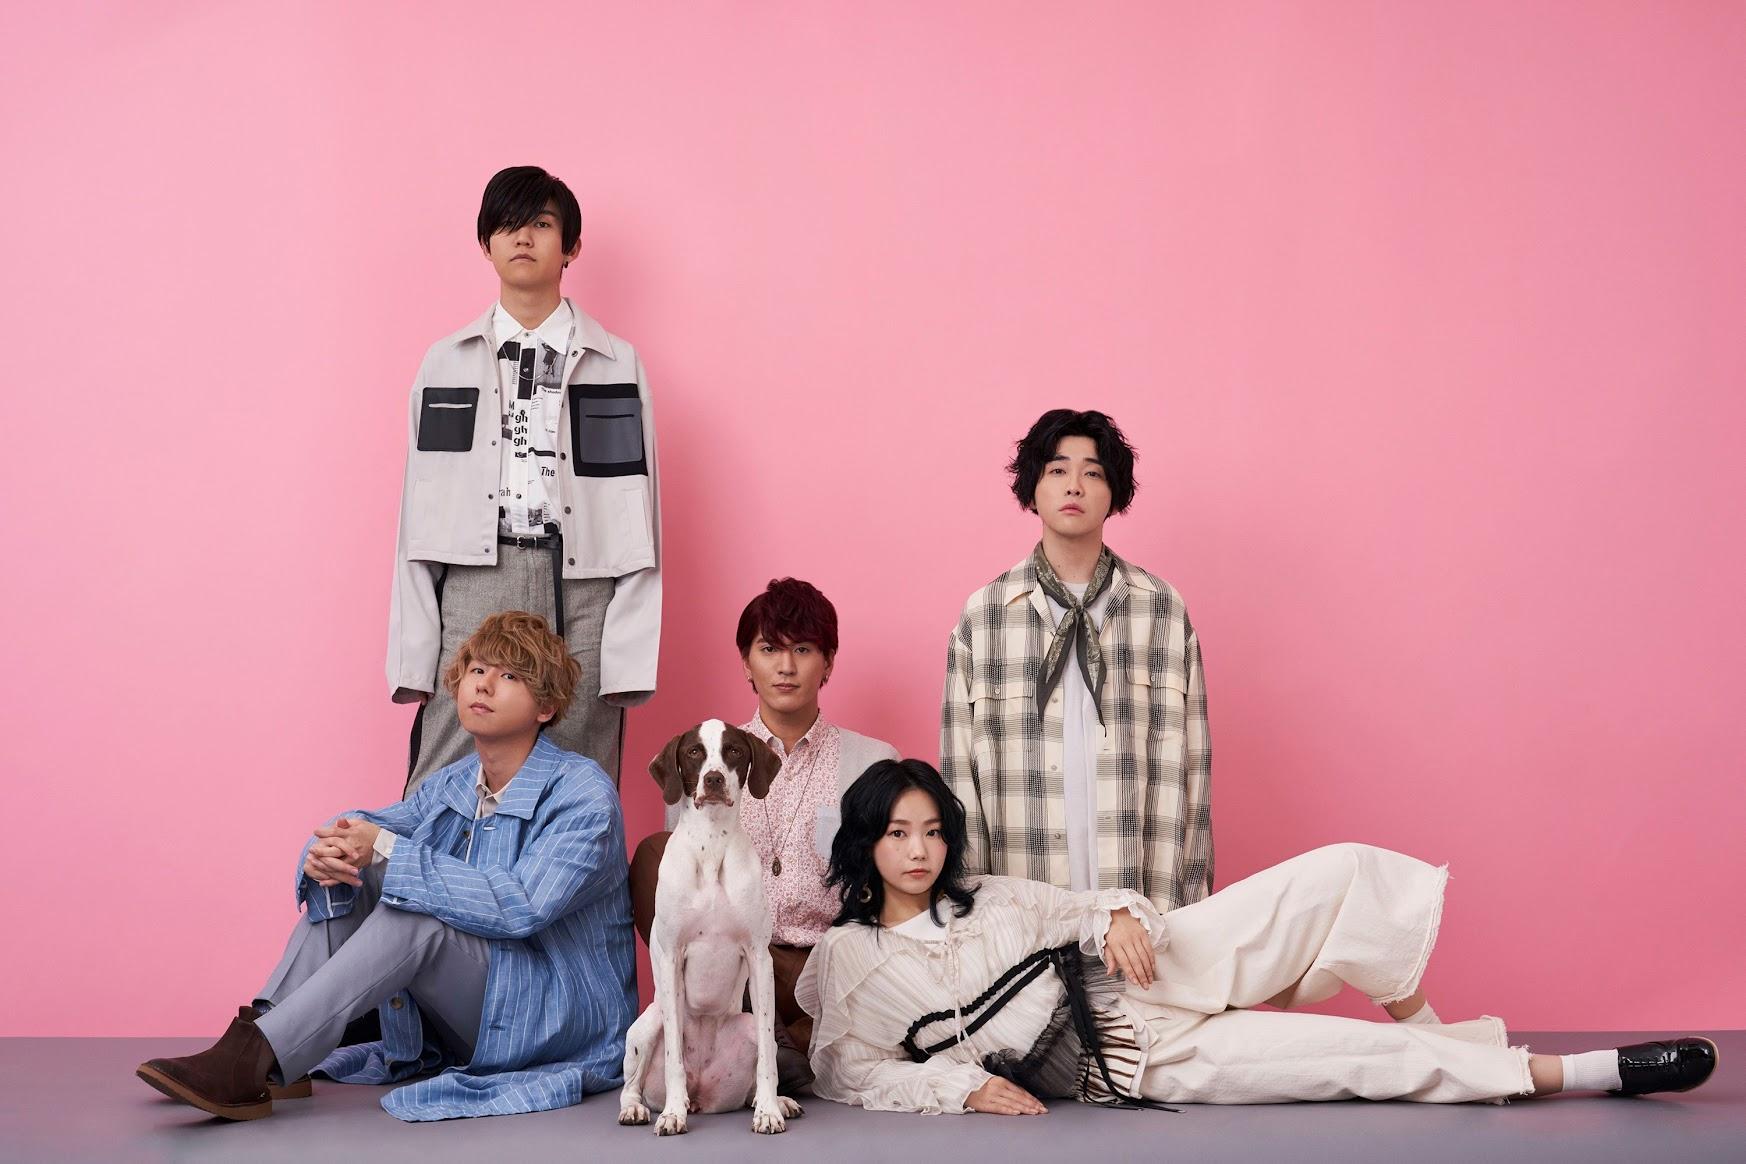 """[迷迷演唱會] """" 尚青系 """" 日本新生代搖滾樂團 Mrs. GREEN APPLE  11/9 首次來台舉辦演唱會"""